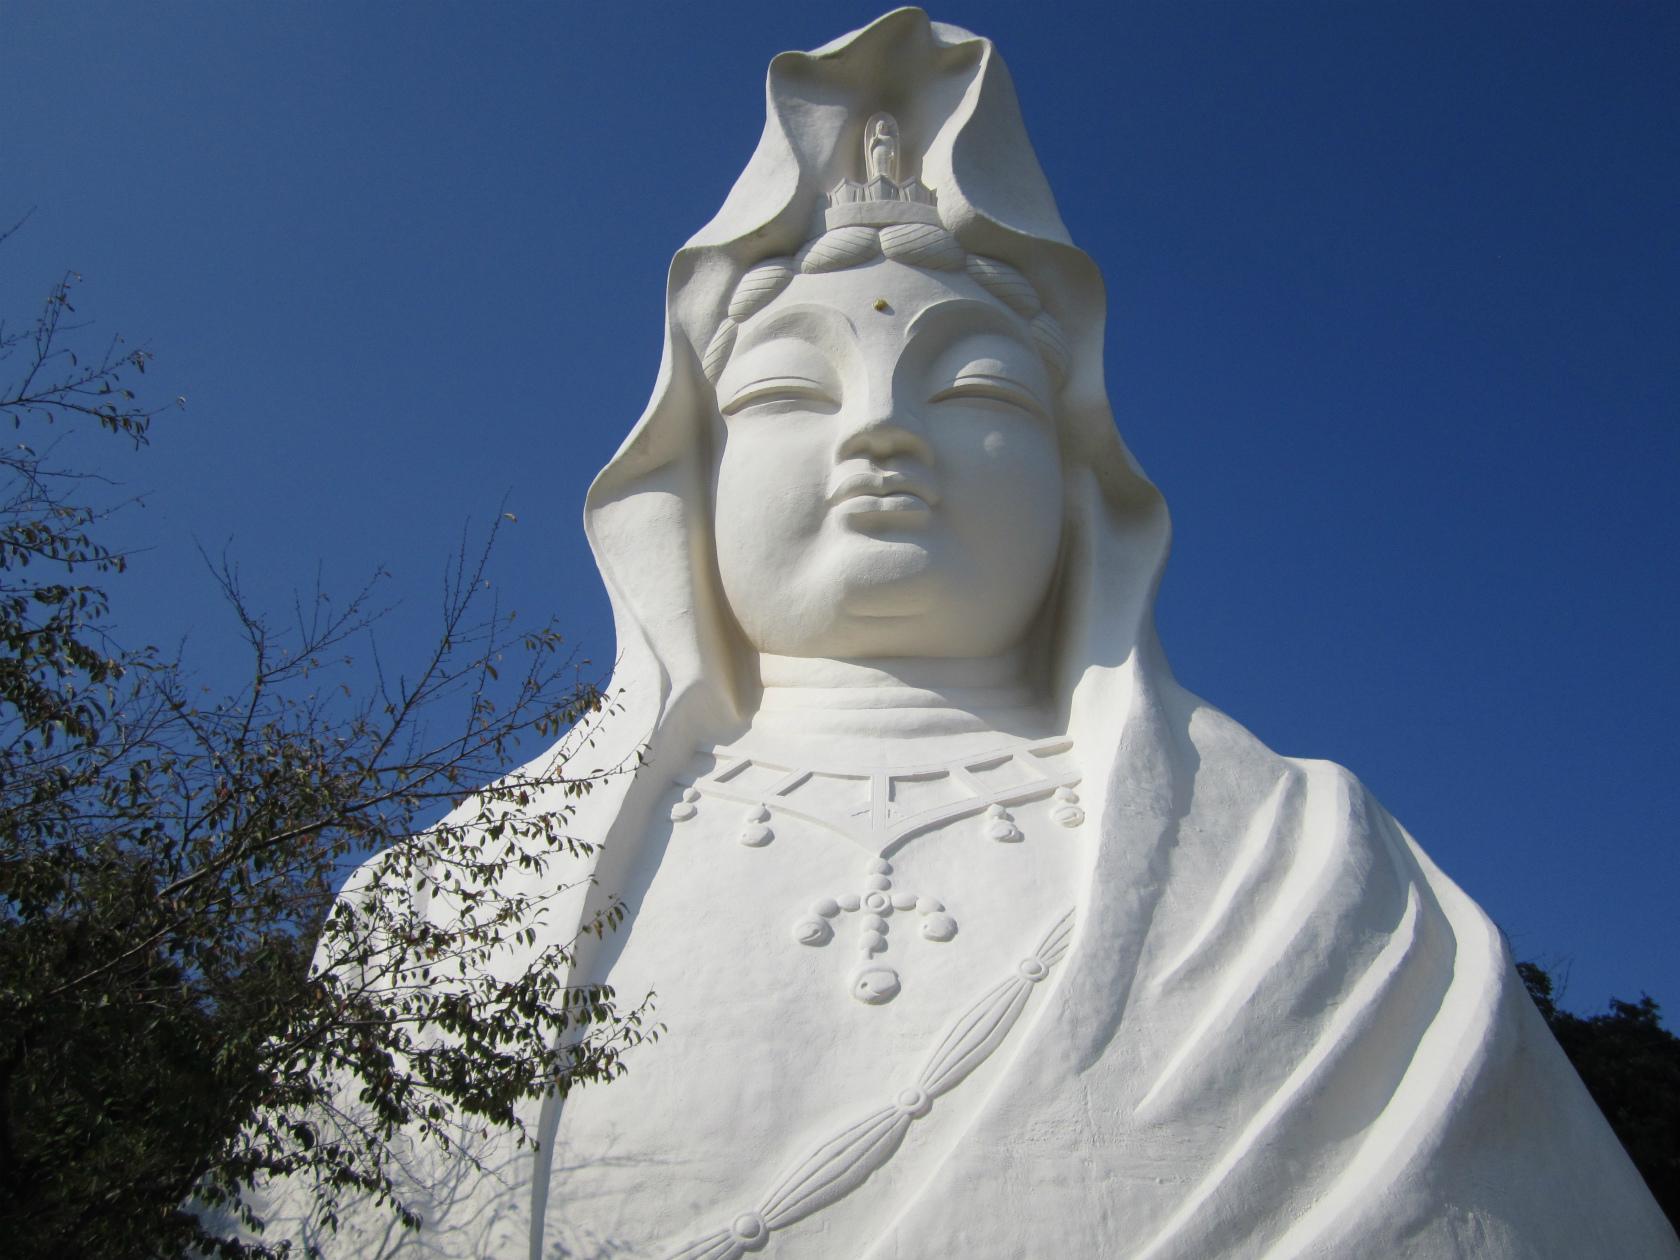 大船観音 大船観音 Ofuna-kannon The Goddess of Me... 大船観音